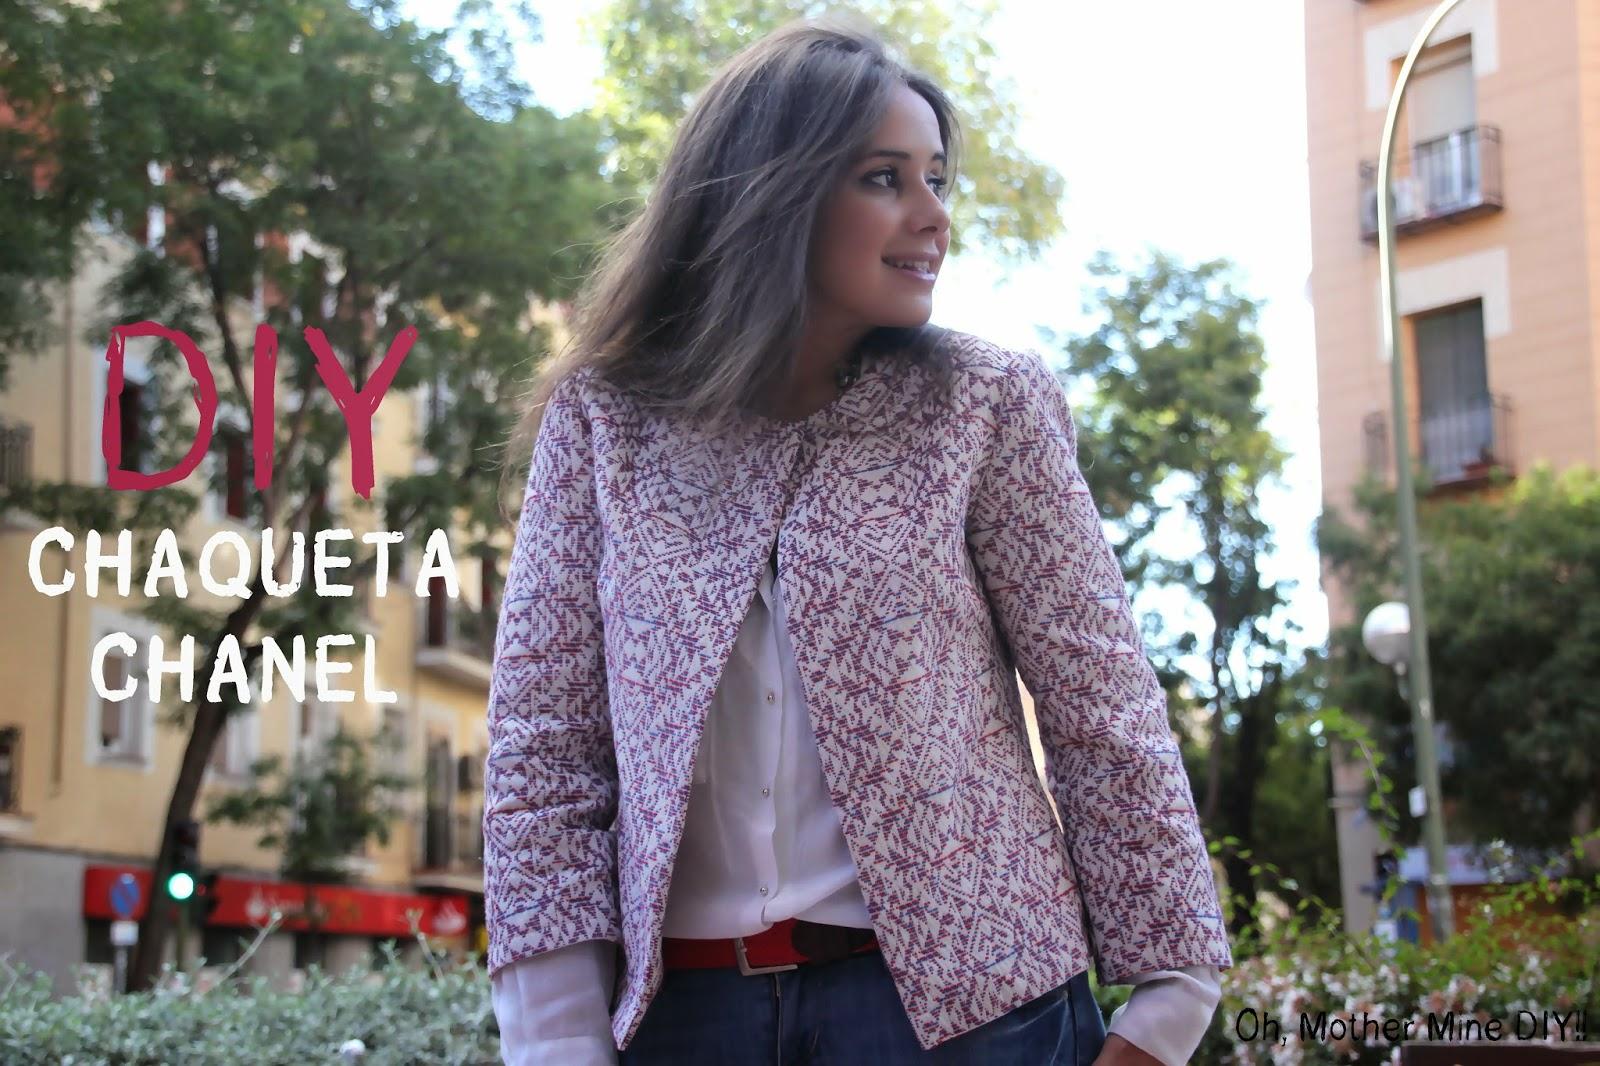 Cómo hacerte una chaqueta de Chanel